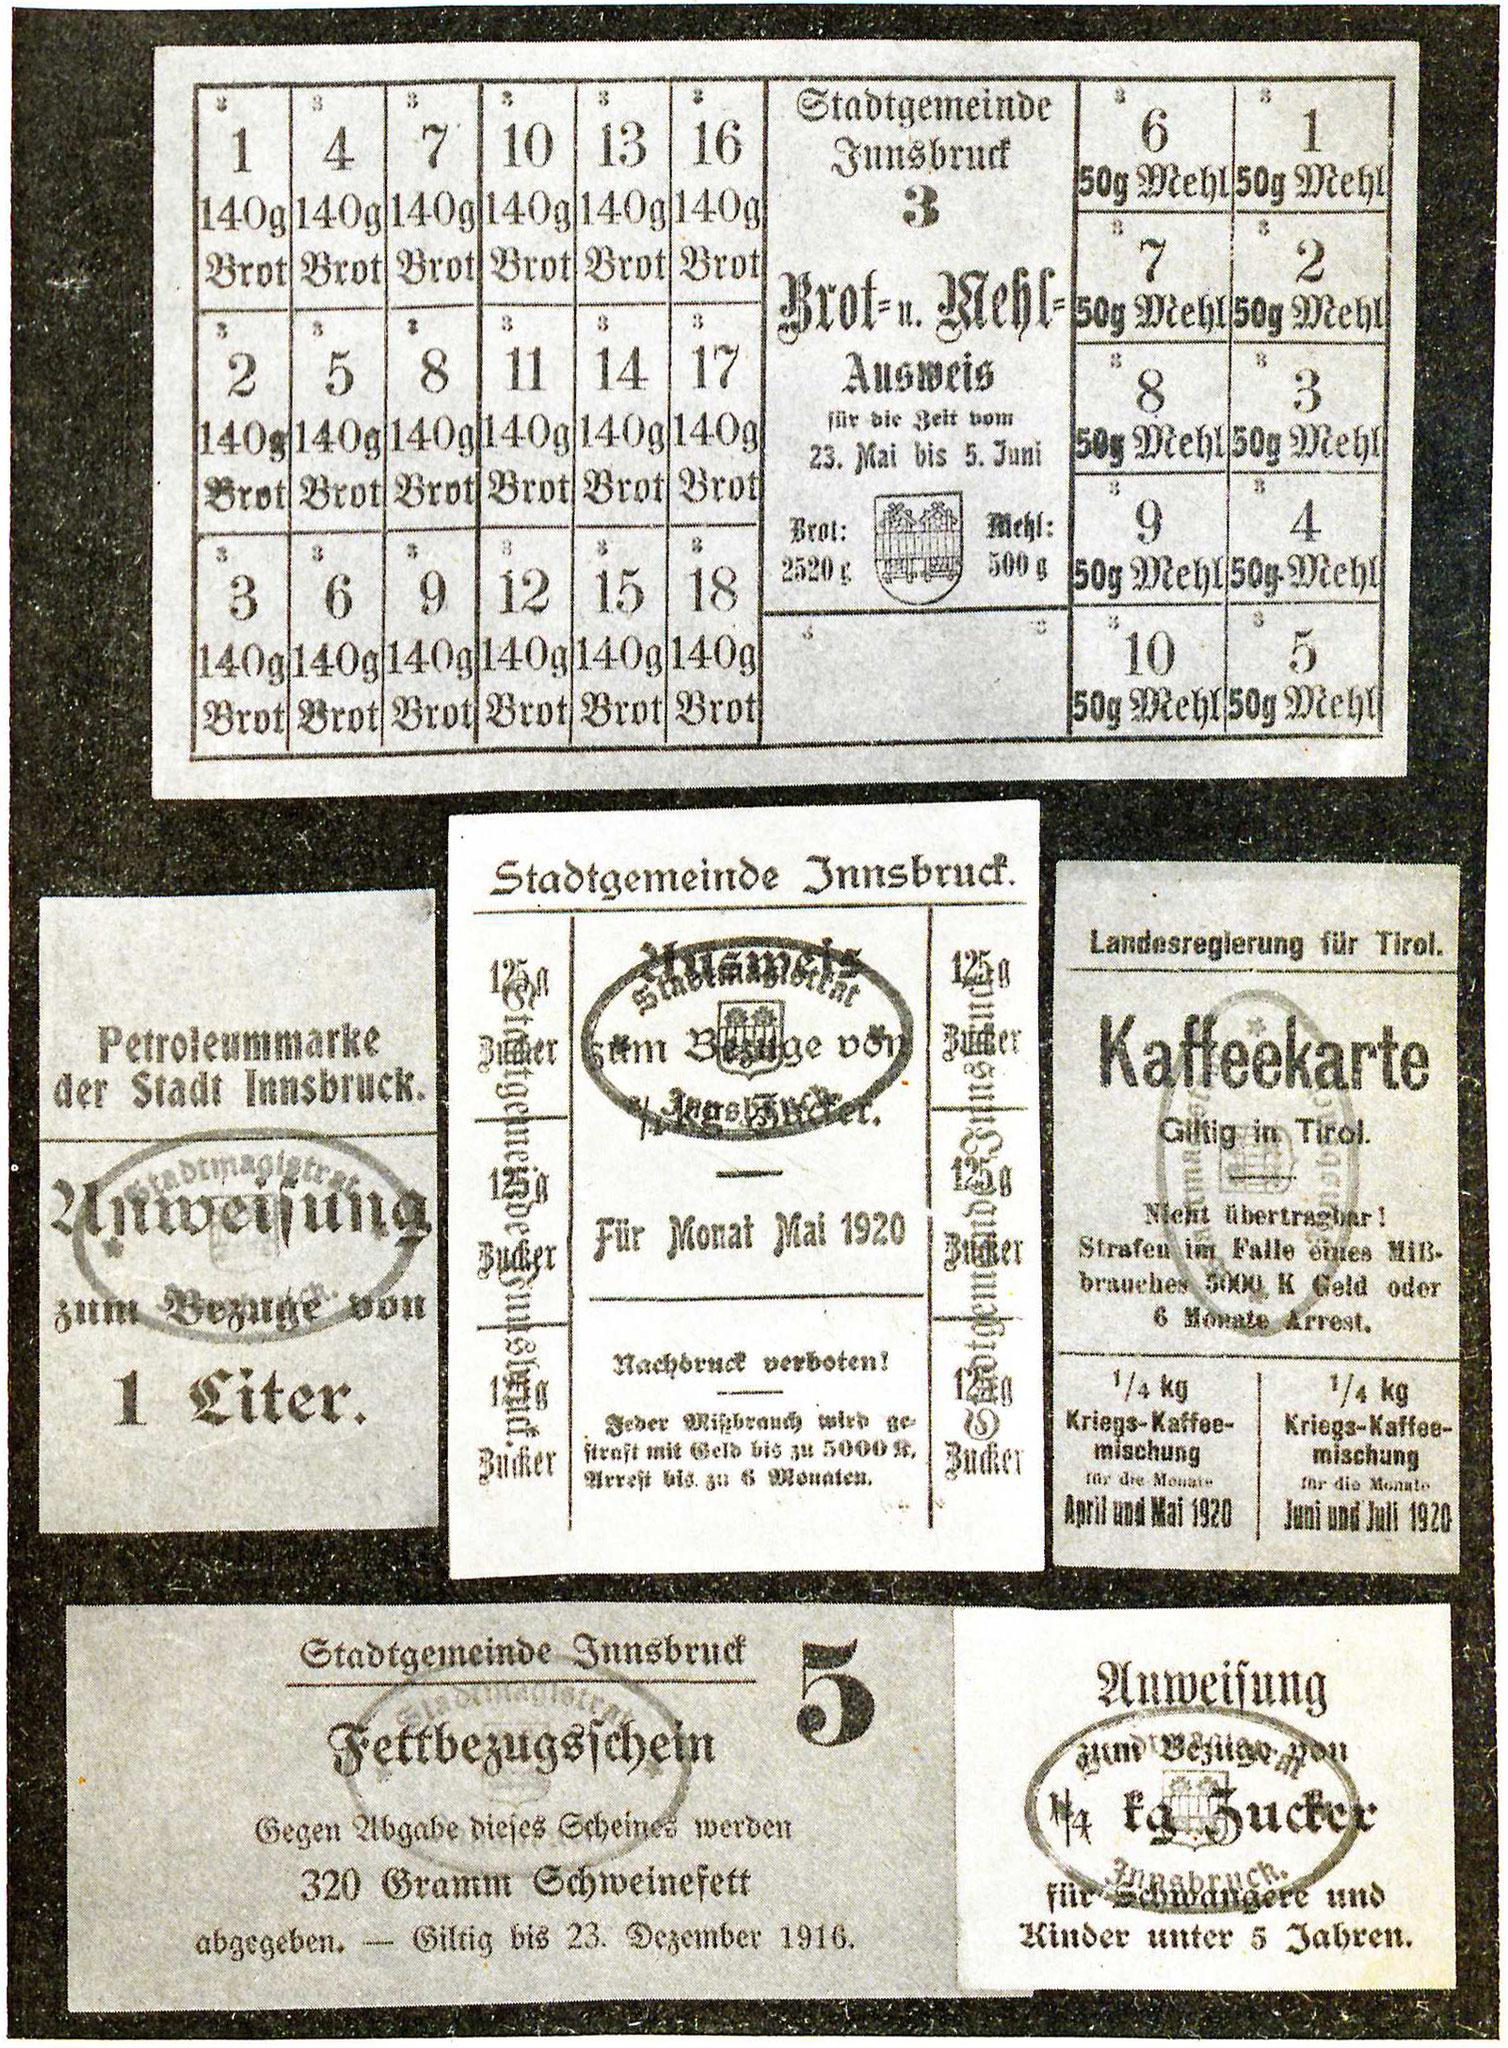 Bezugsscheine 1916/20